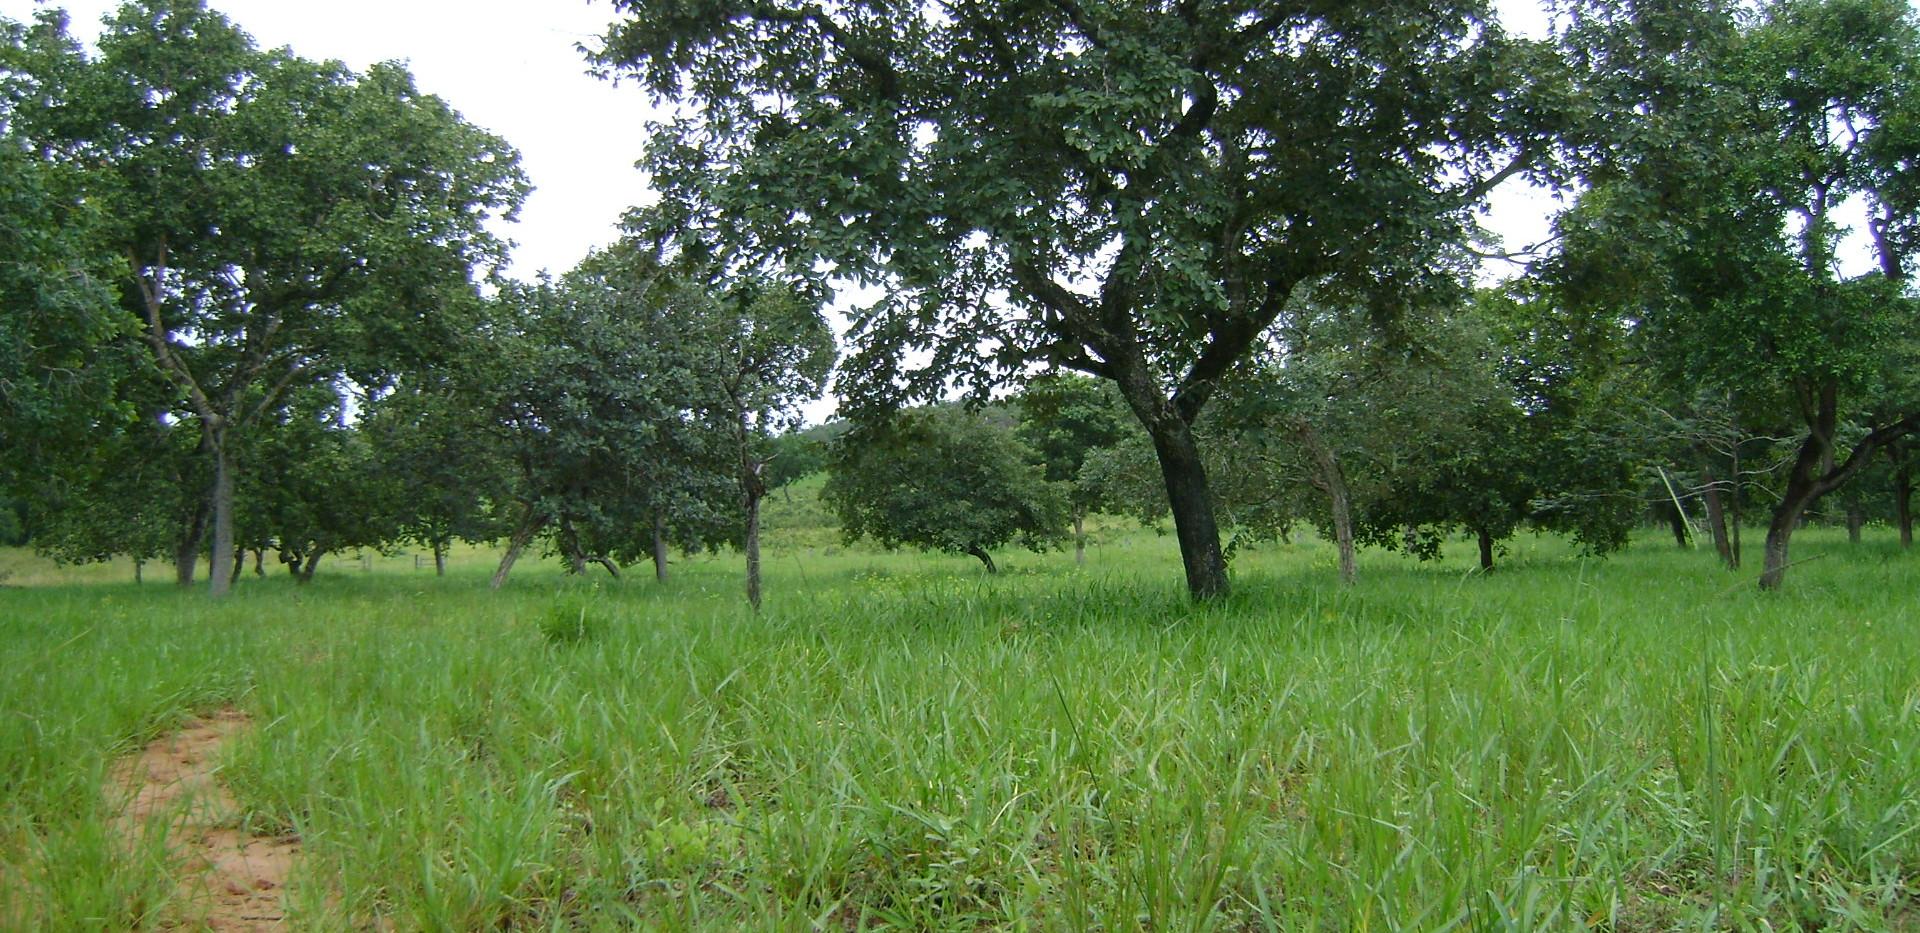 fazenda_campoverde_matogrosso (1).JPG